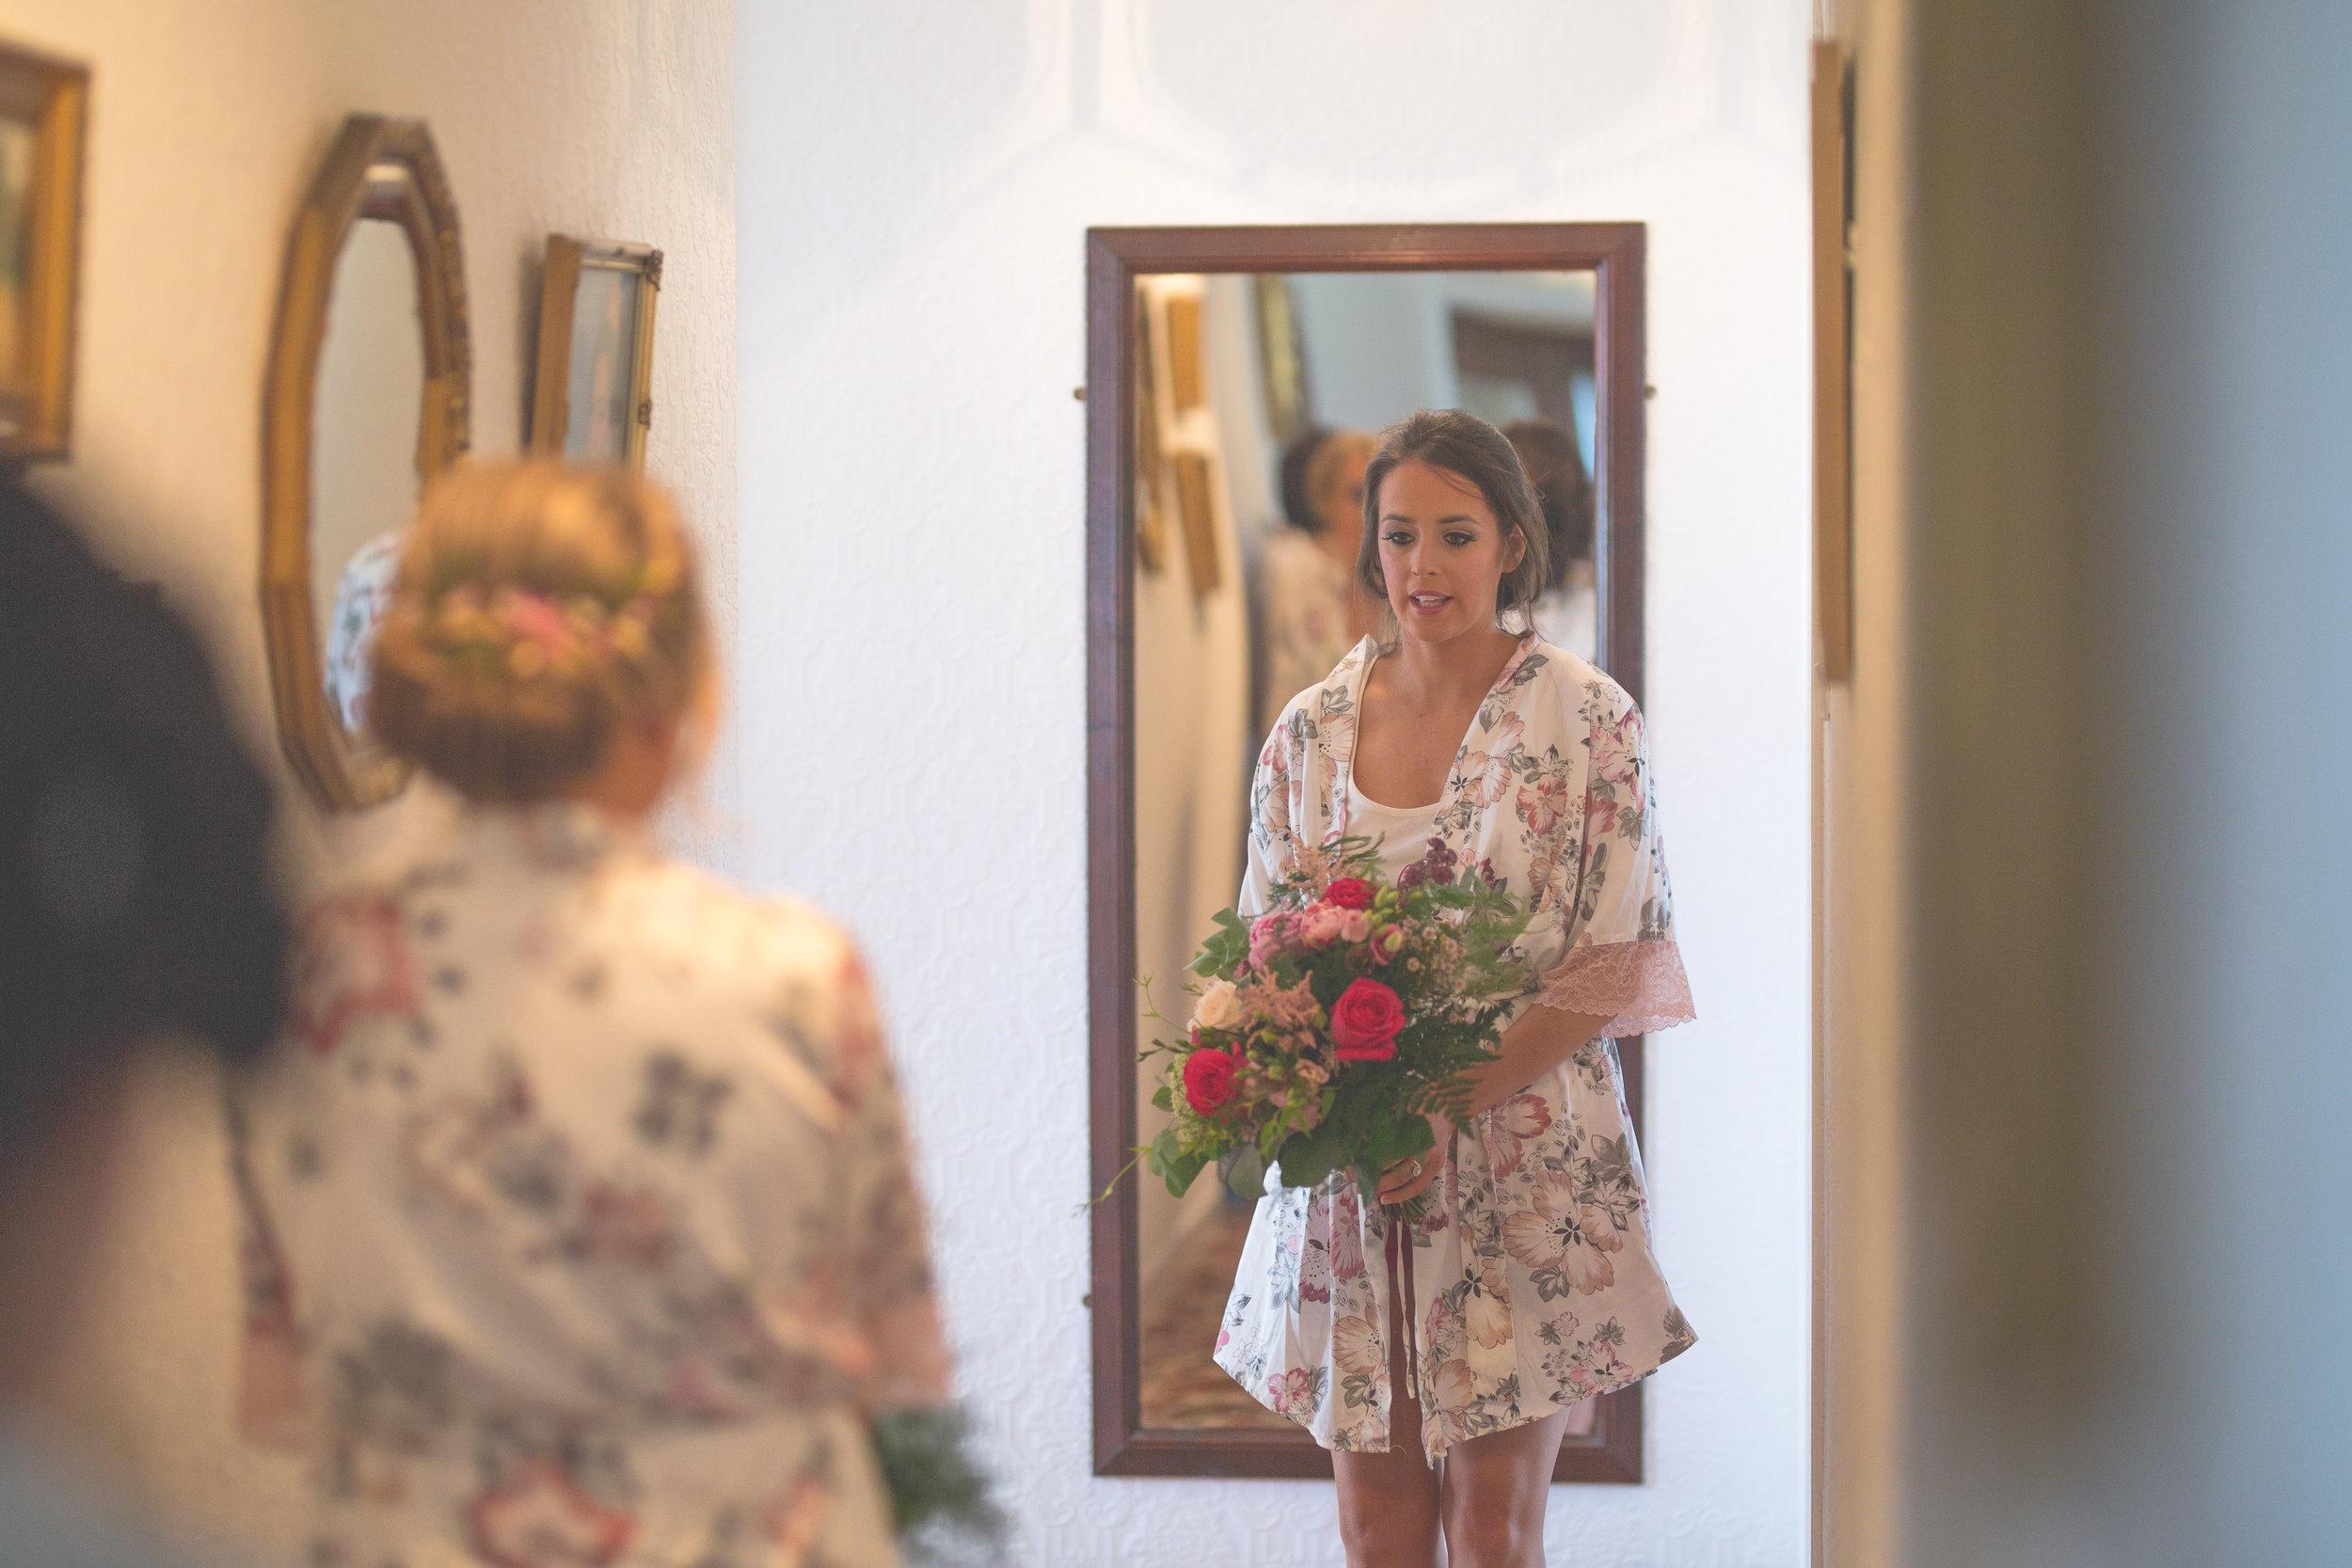 Brian McEwan Wedding Photography | Carol-Anne & Sean | Bridal Preparations-63.jpg